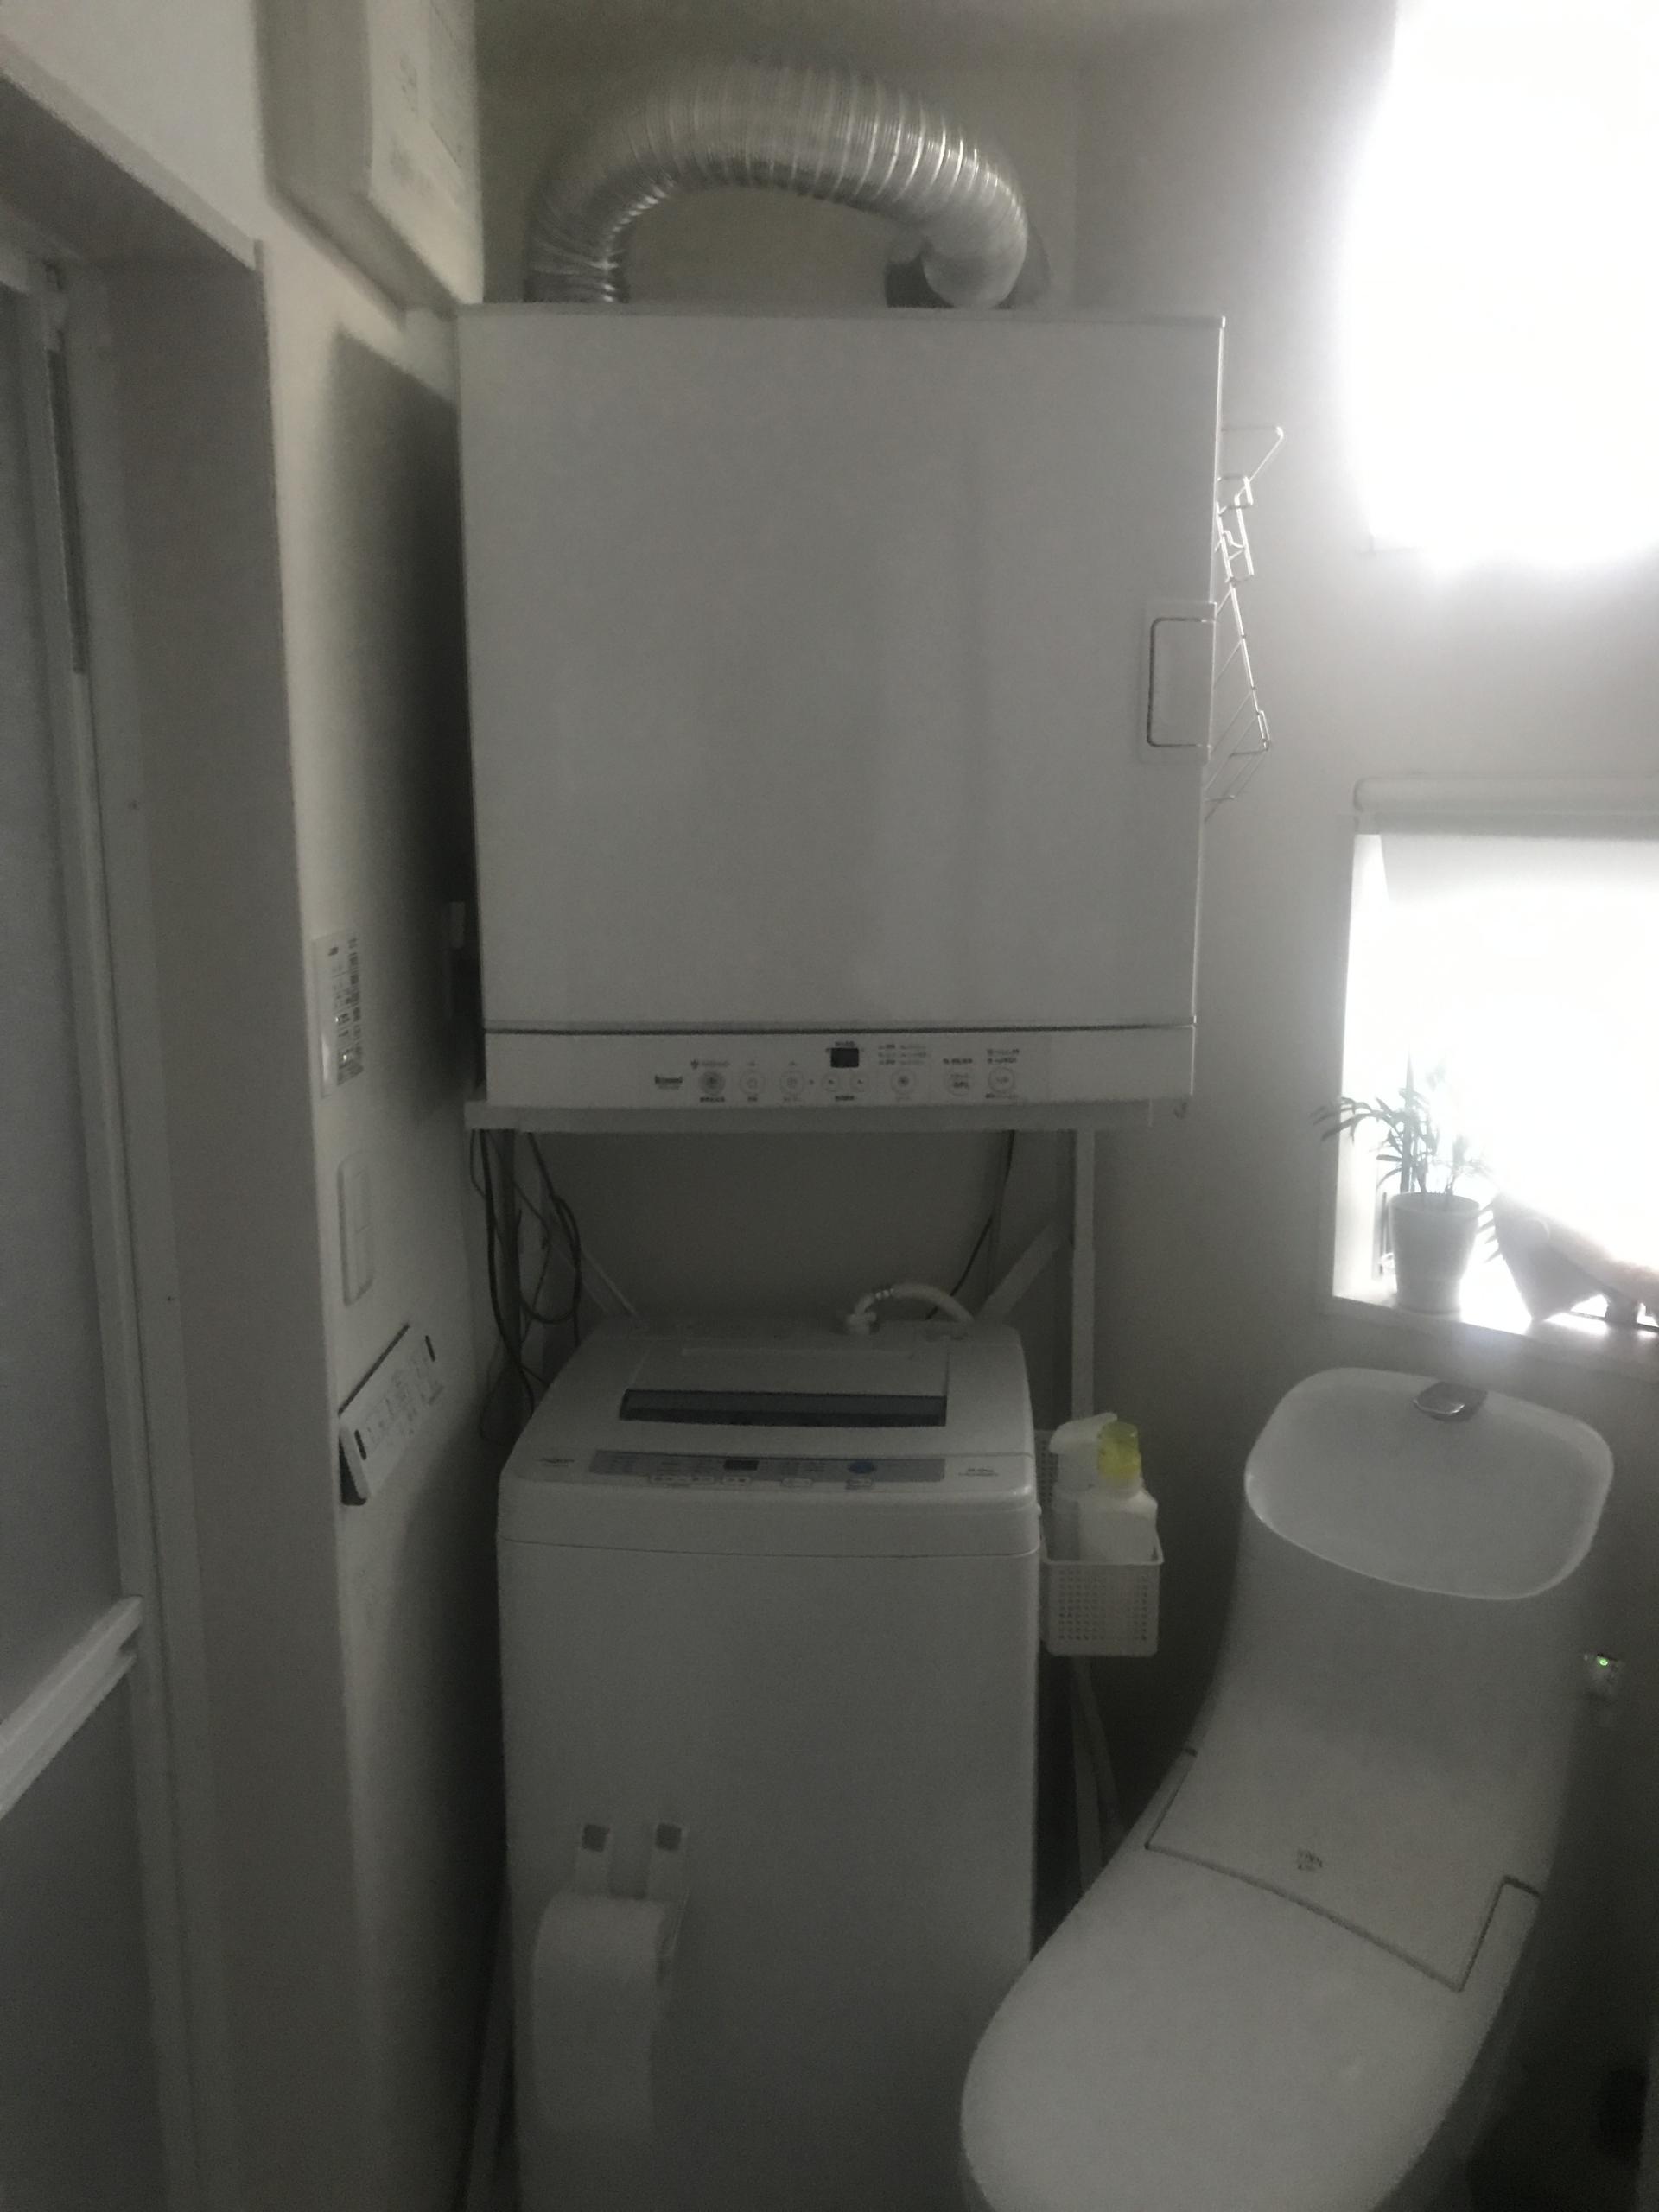 ガス乾燥機DIYで設置!コロナ時代に最適だ!の巻